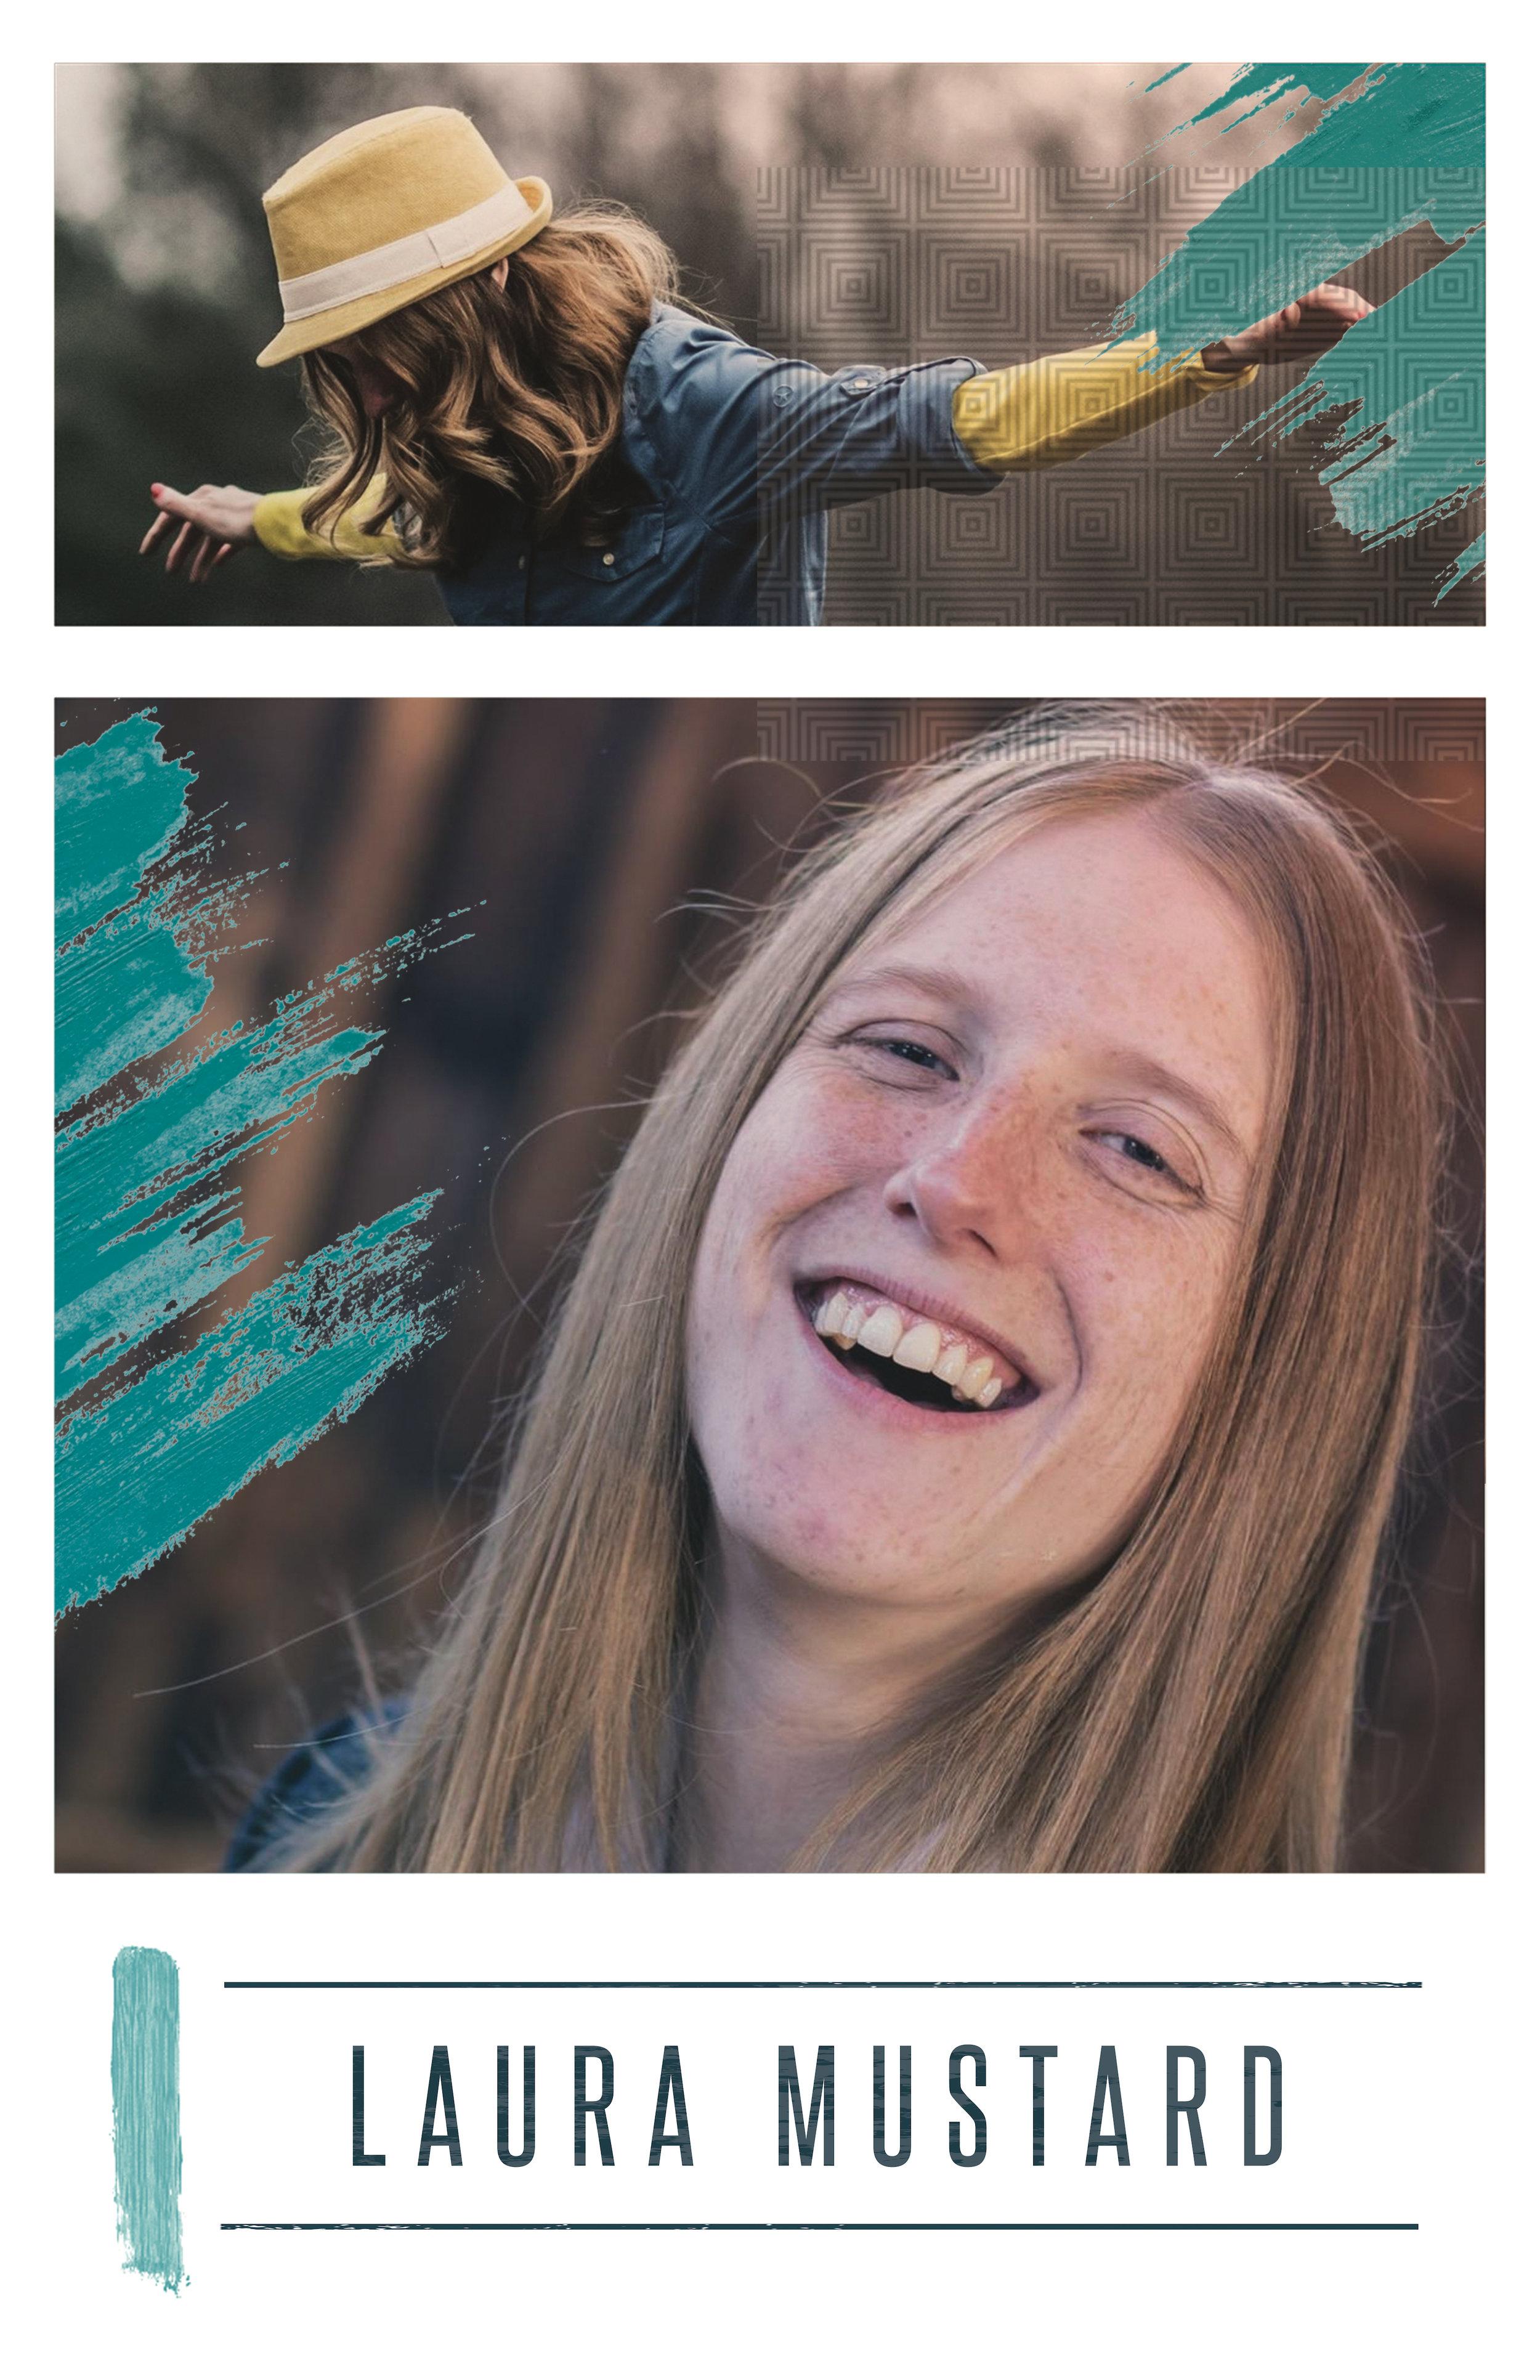 Laura Mustard - Artist Poster (2019) copy.jpg